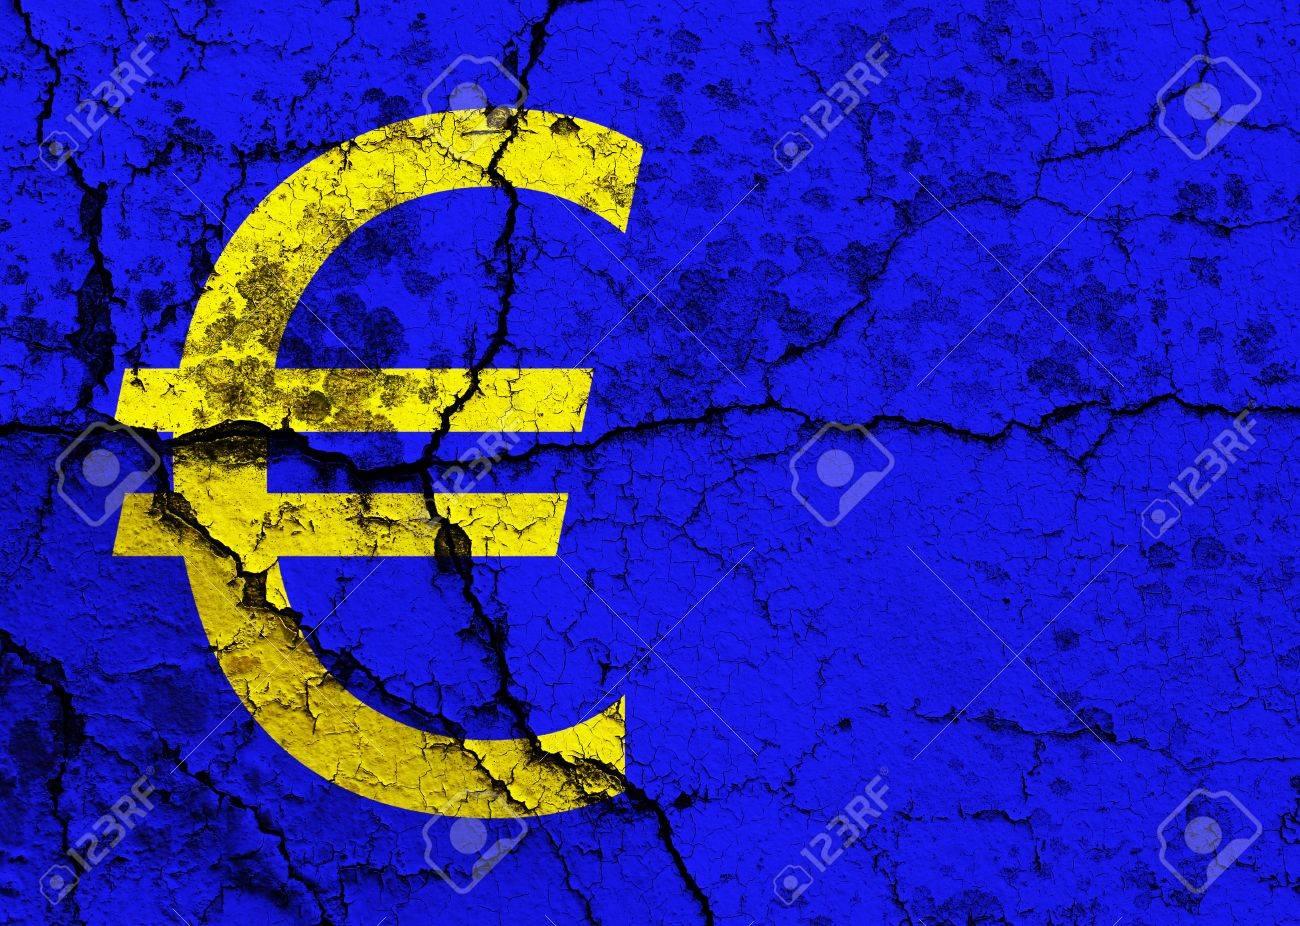 Euro symbol on a cracked grunge background - 12191305